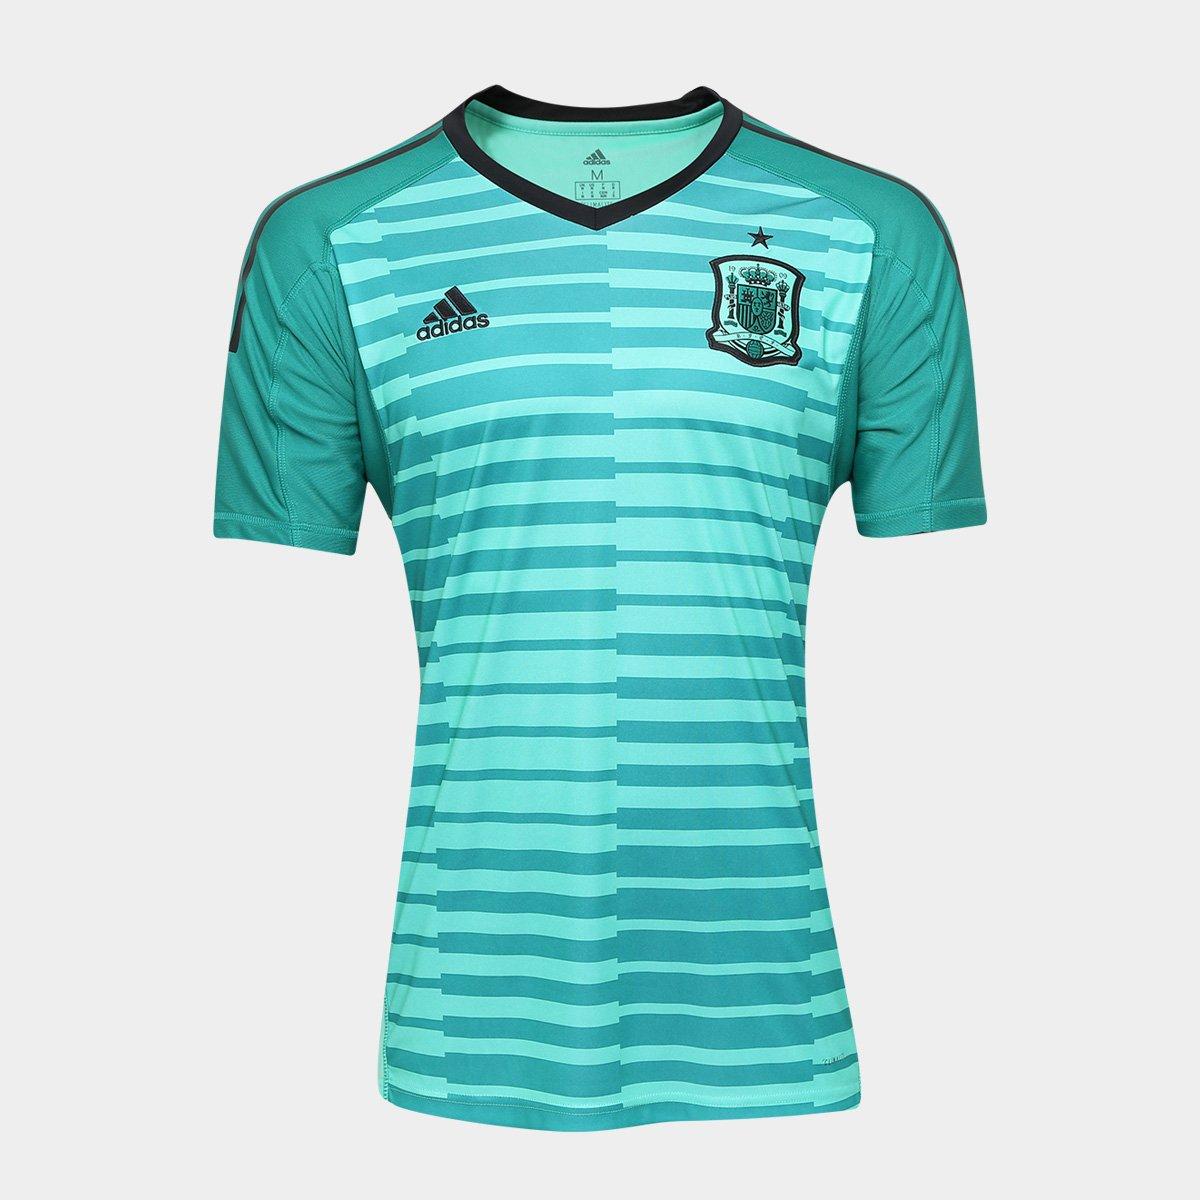 6a48a1d0f8 Camisa Seleção Espanha Goleiro Home 17 18 s n° - Torcedor Adidas Masculina